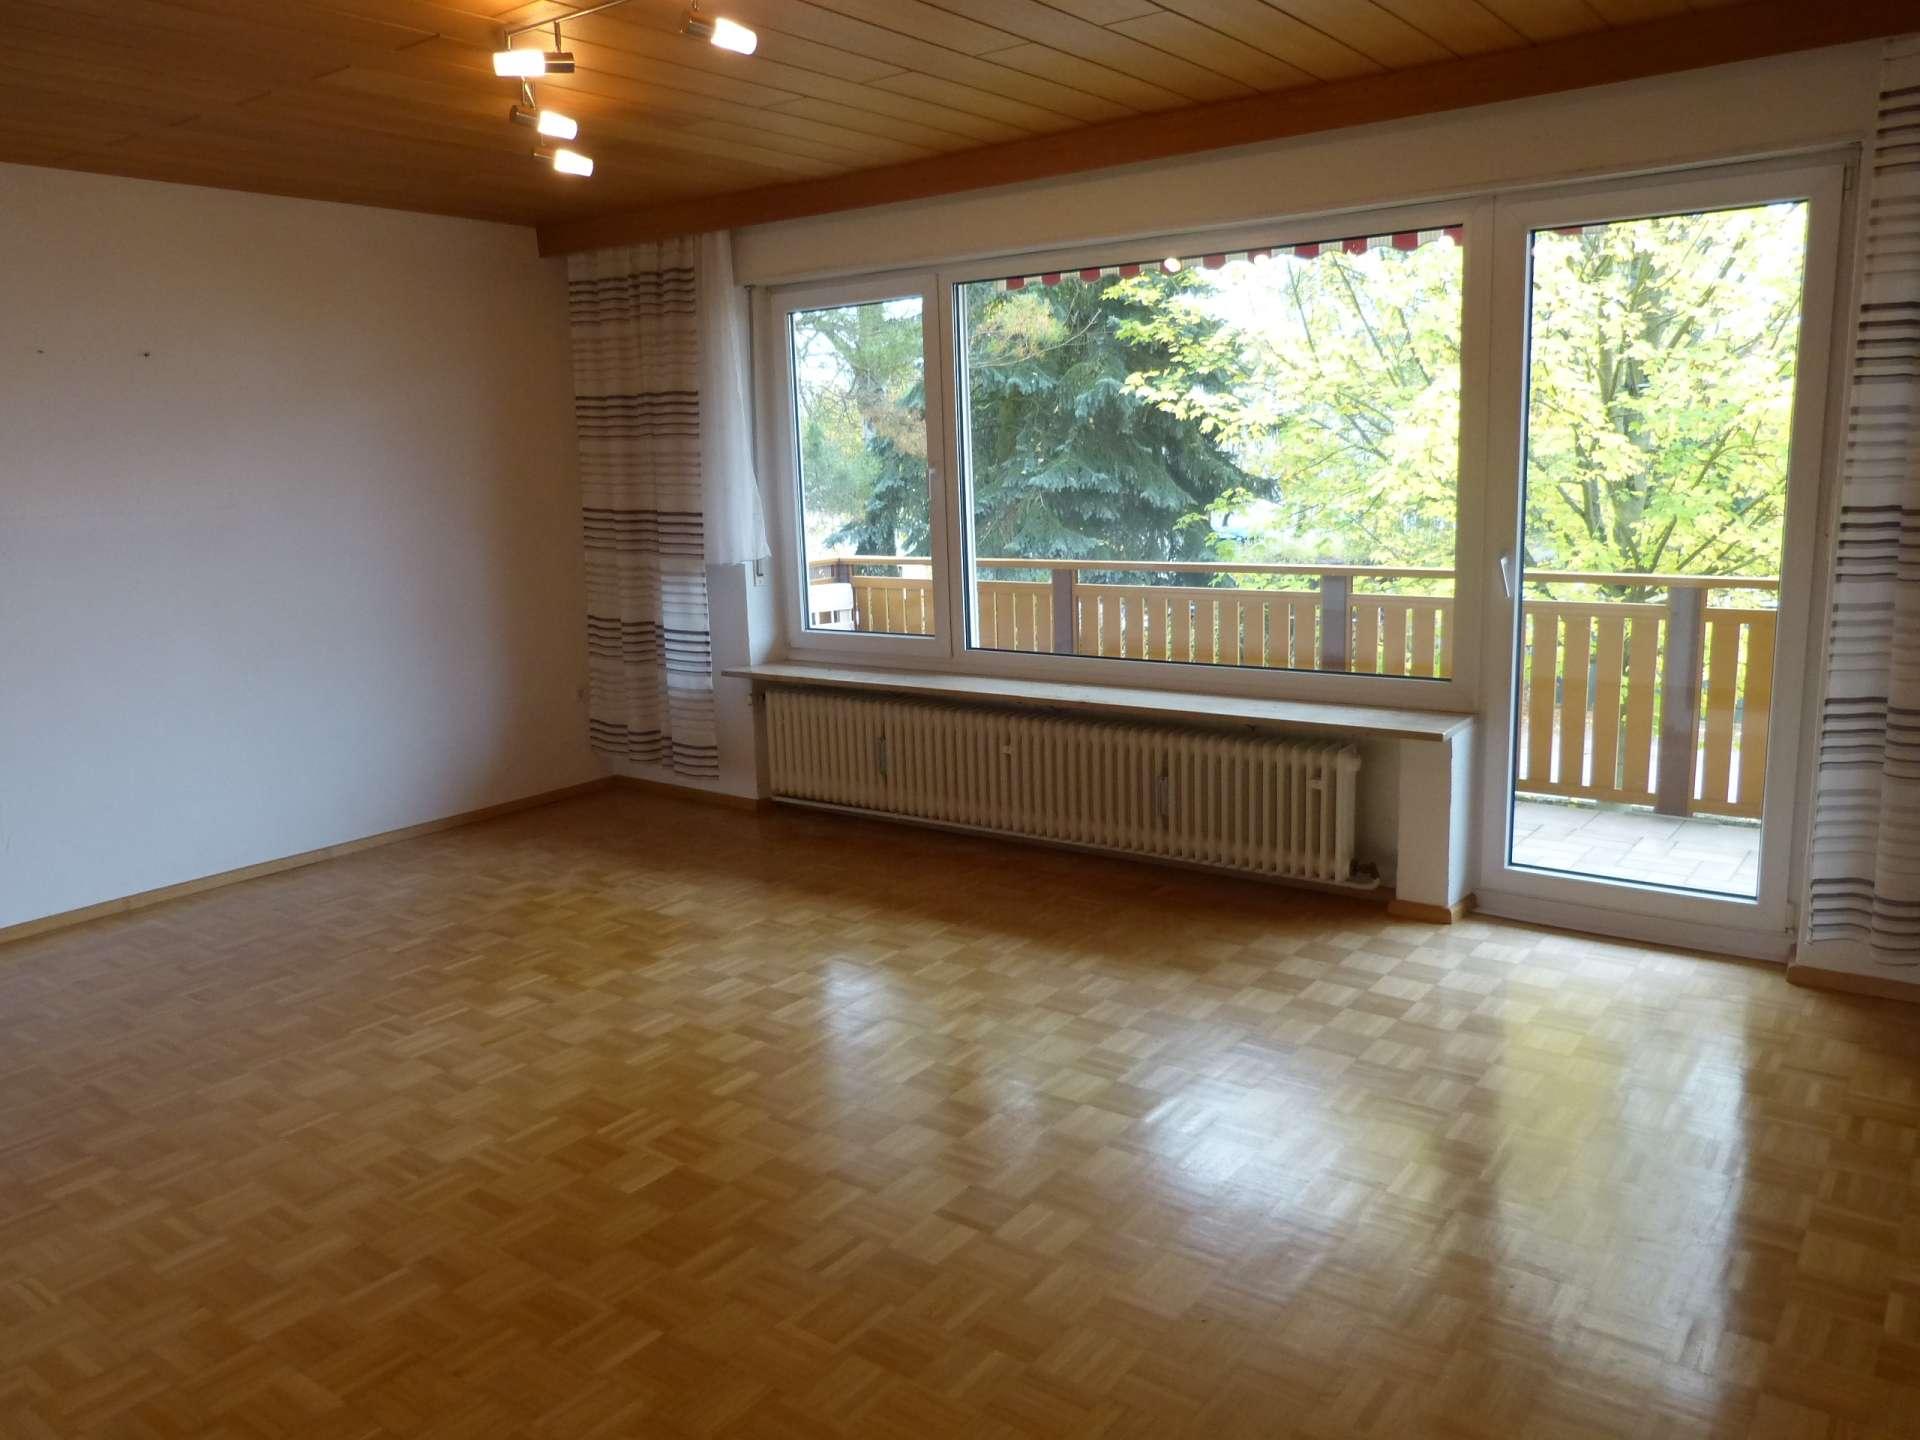 Große Mietwohnung mit EBK und Balkon in Ingolstadt-Süd / Nähe HBF in Südost (Ingolstadt)